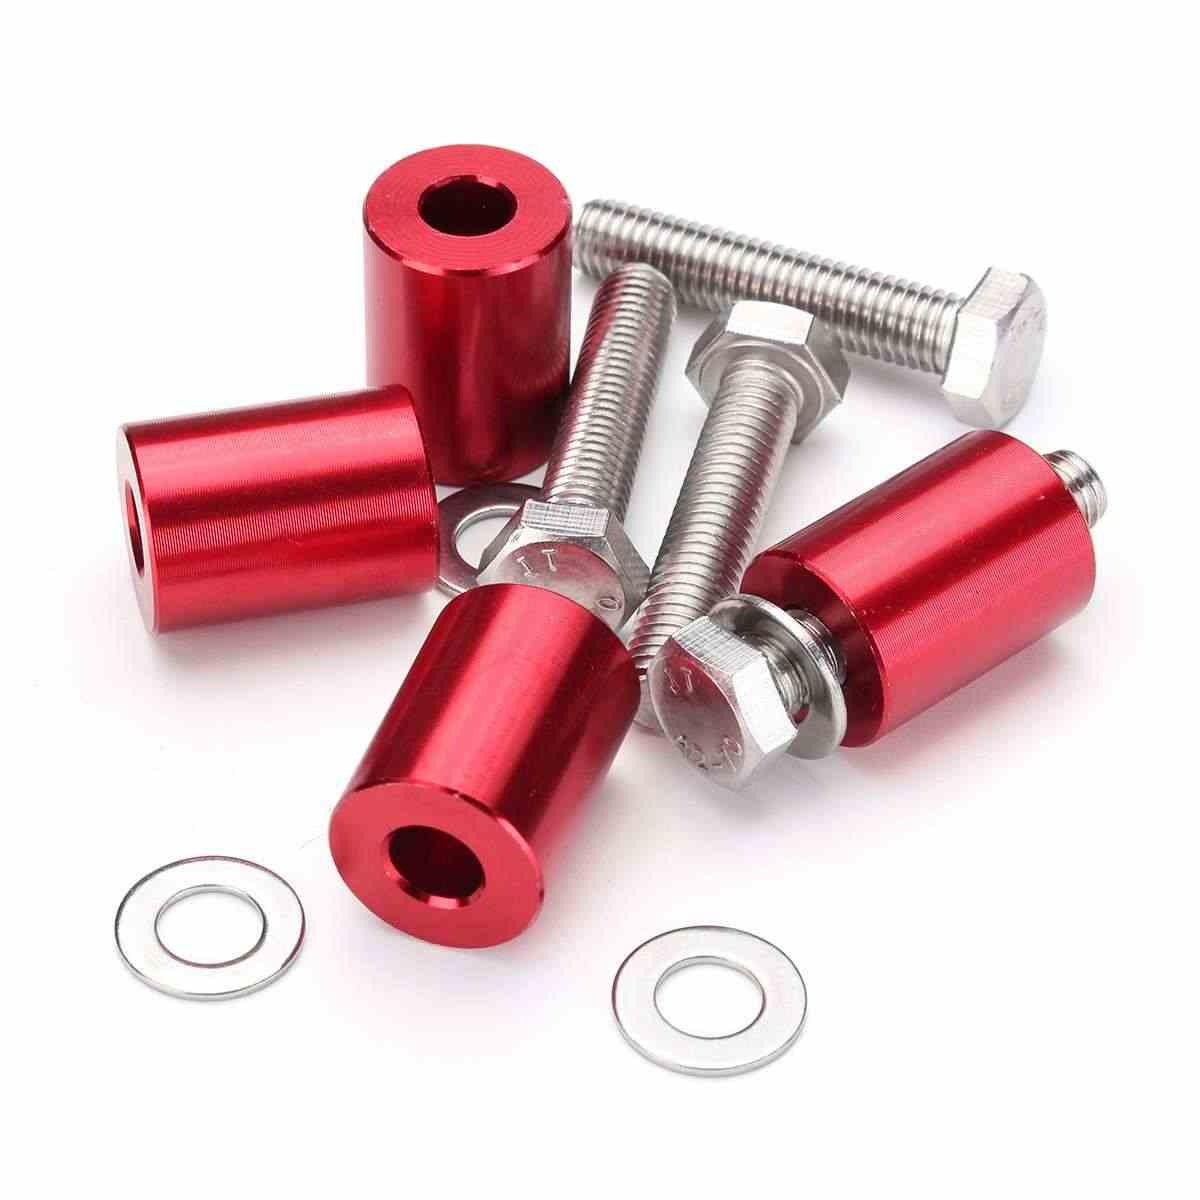 1 ''8 мм заготовка вентиляция в капоте Spacer подъемный комплект для Автомобильный двигатель Turbo для двигателя, для замены для Audi/BMW/Mercedes-Benz